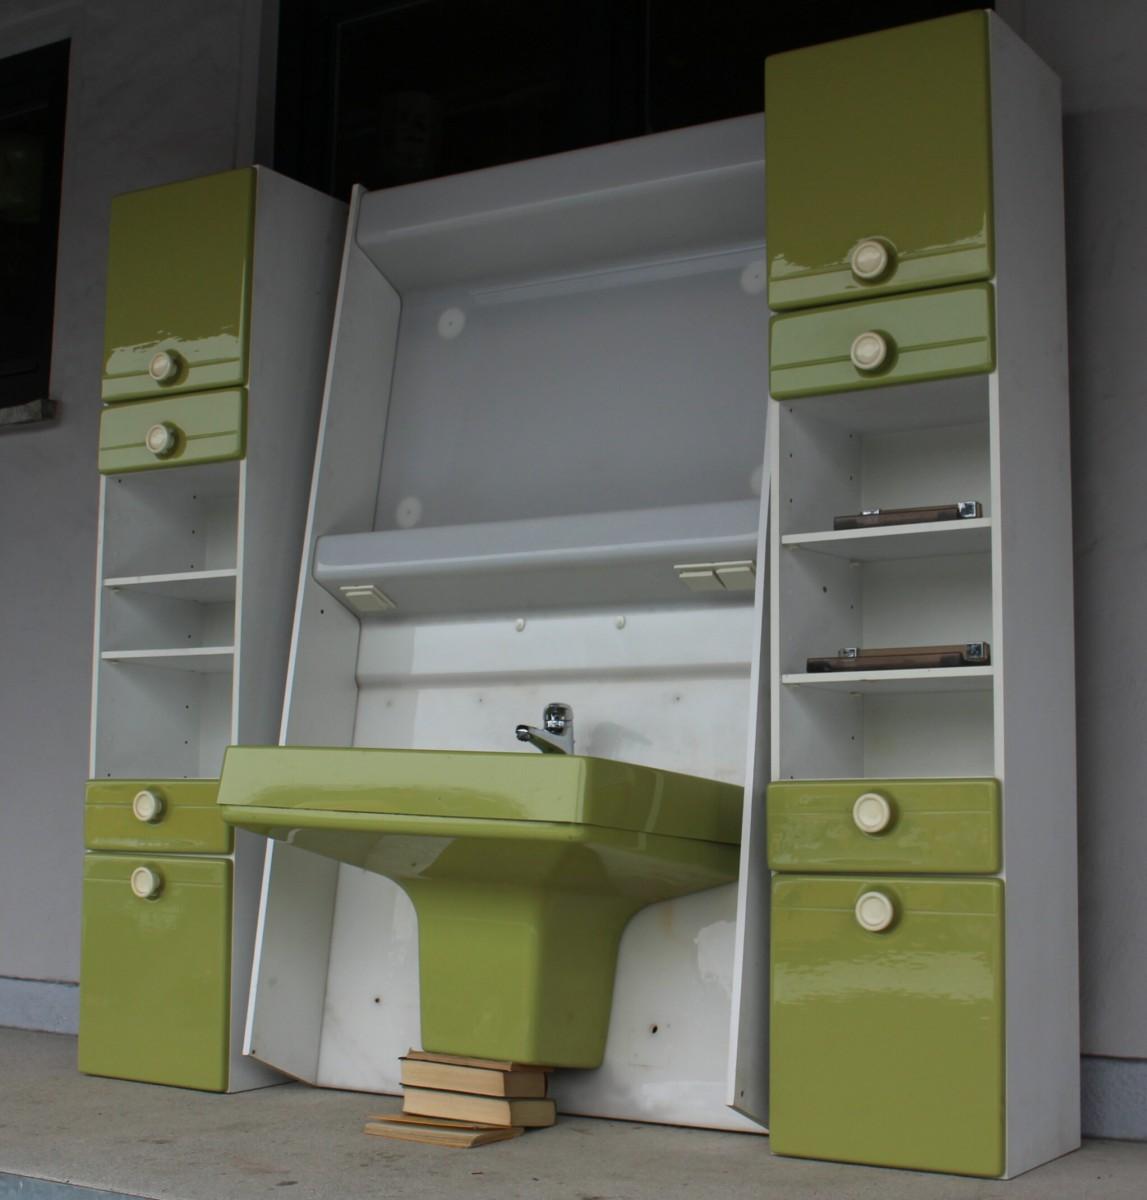 badmöbel waschbecken badschrank badezimmer einrichtung grün 70er, Badezimmer ideen